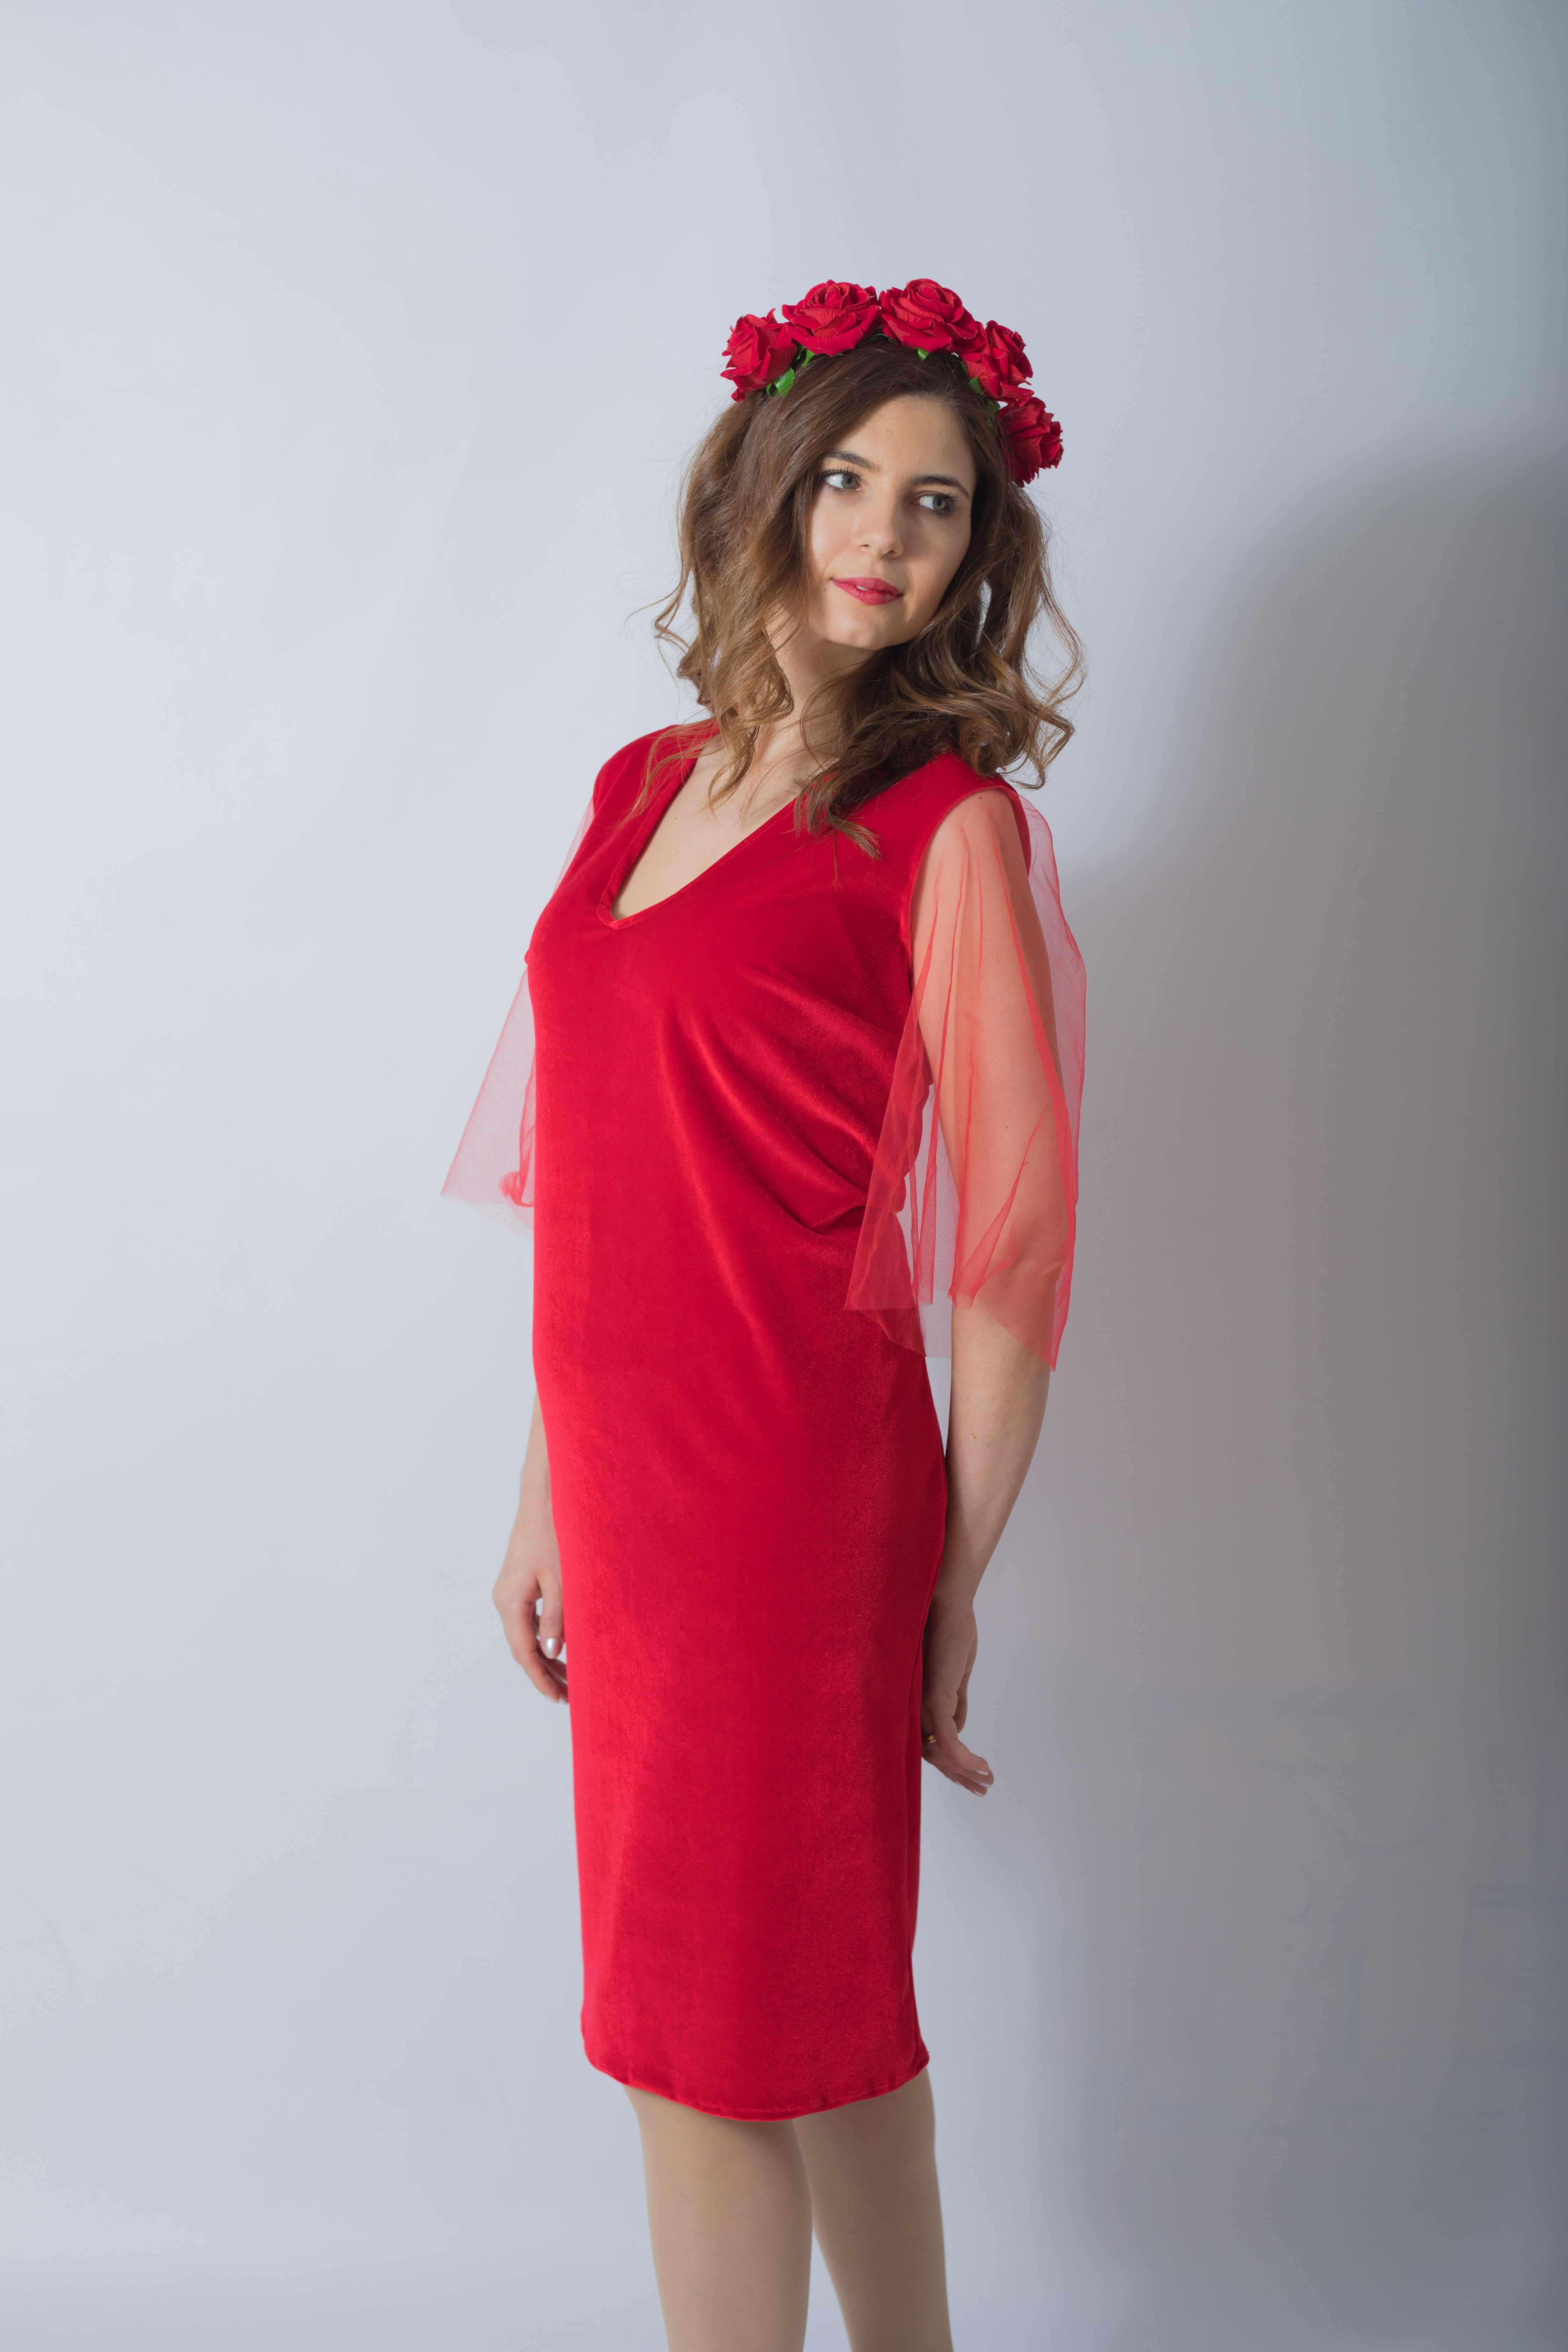 rouge-tulle-rochie-eleganta-gravida-din-catifea-premium-transport-gratuit 7